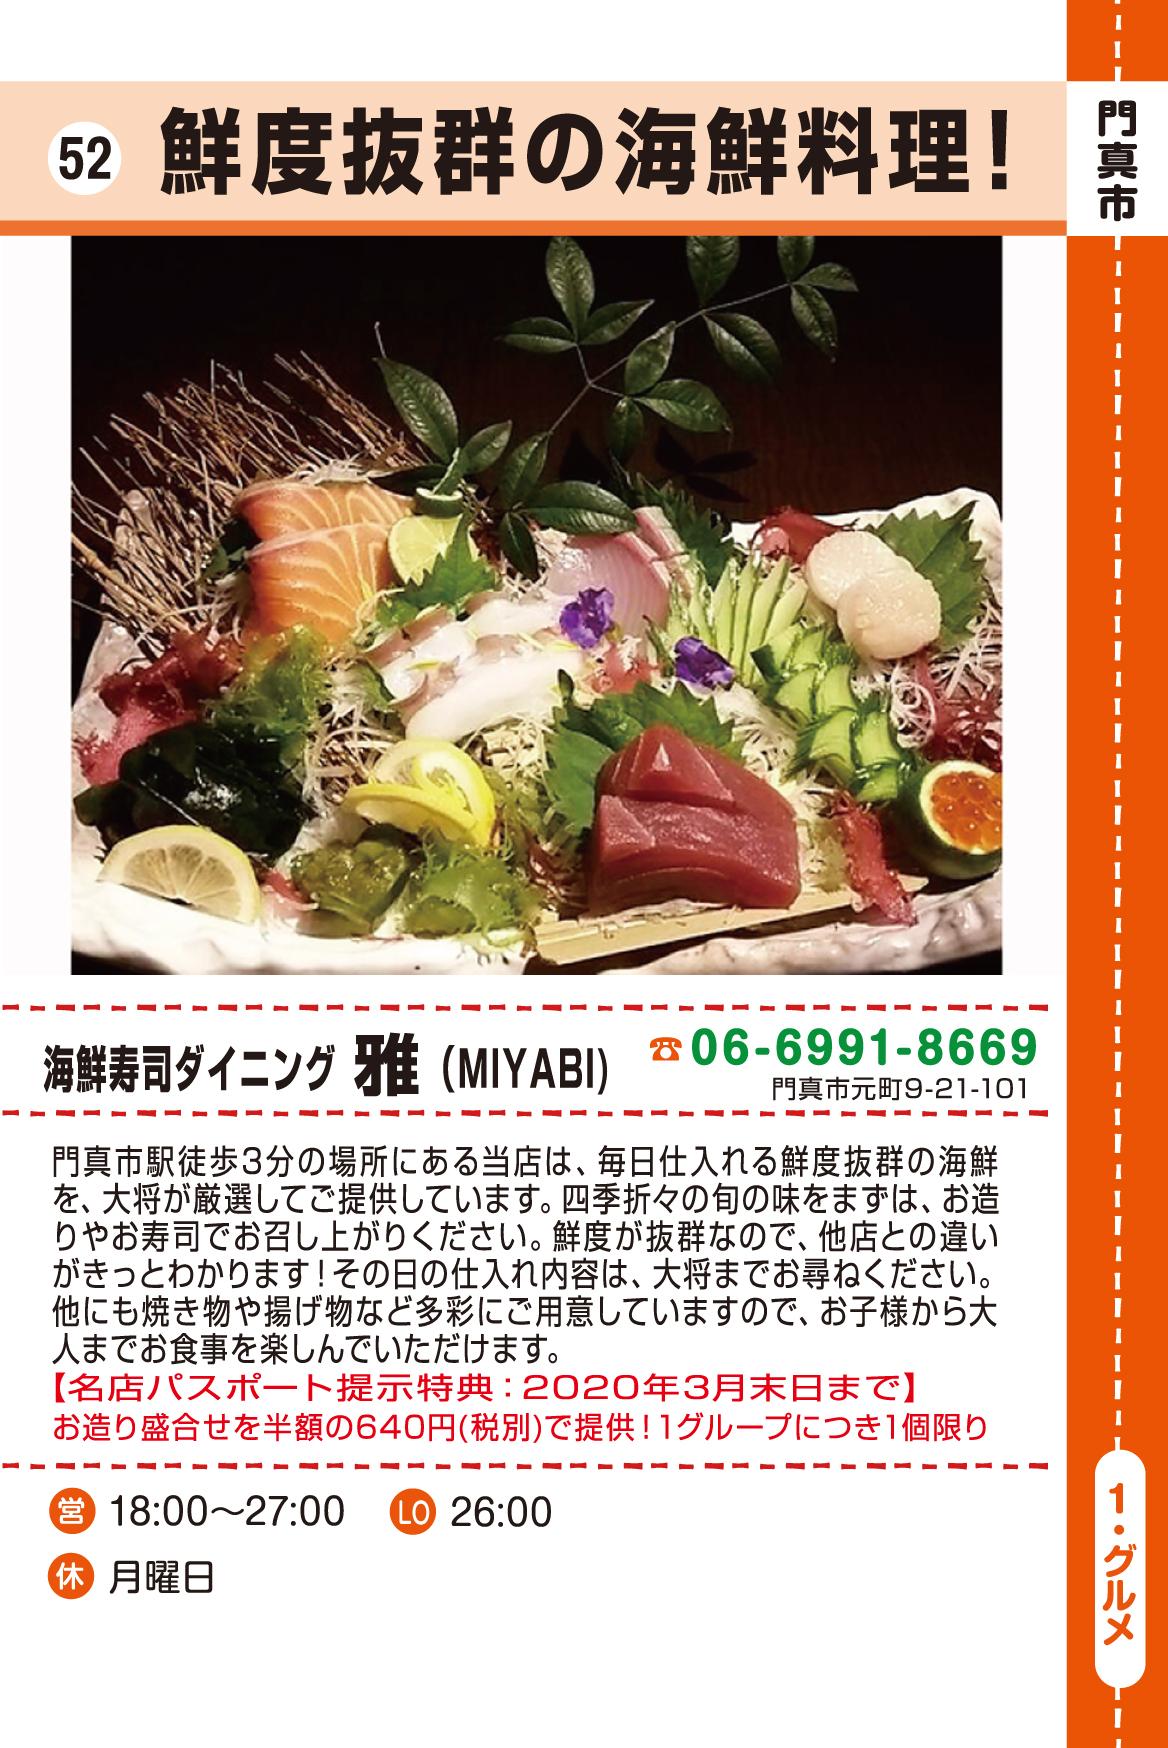 海鮮寿司ダイニング 雅(MIYABI)